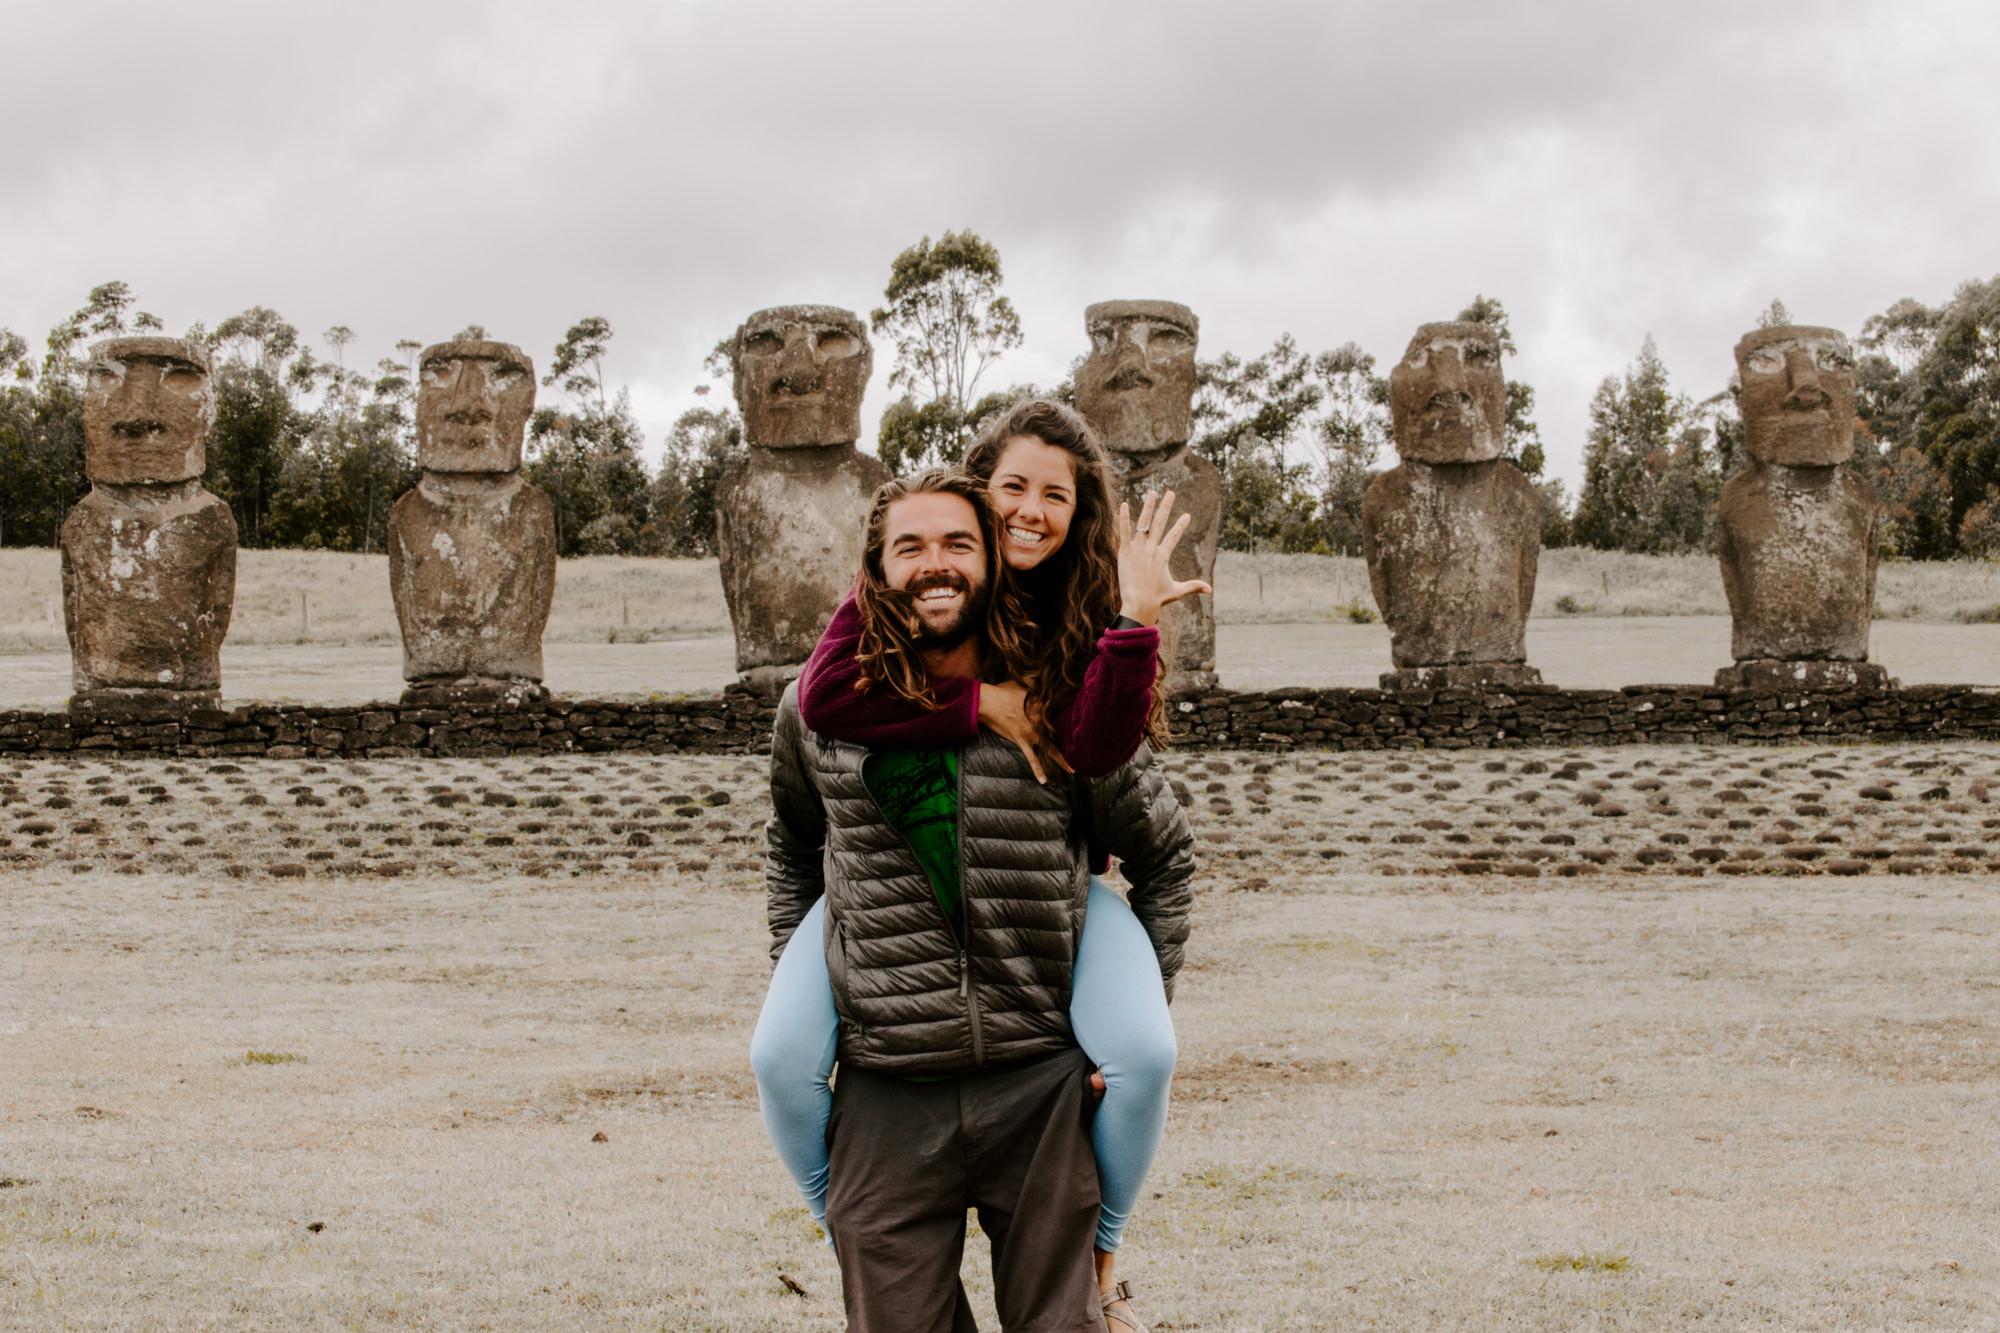 engaged-couple-traveling-world.jpg